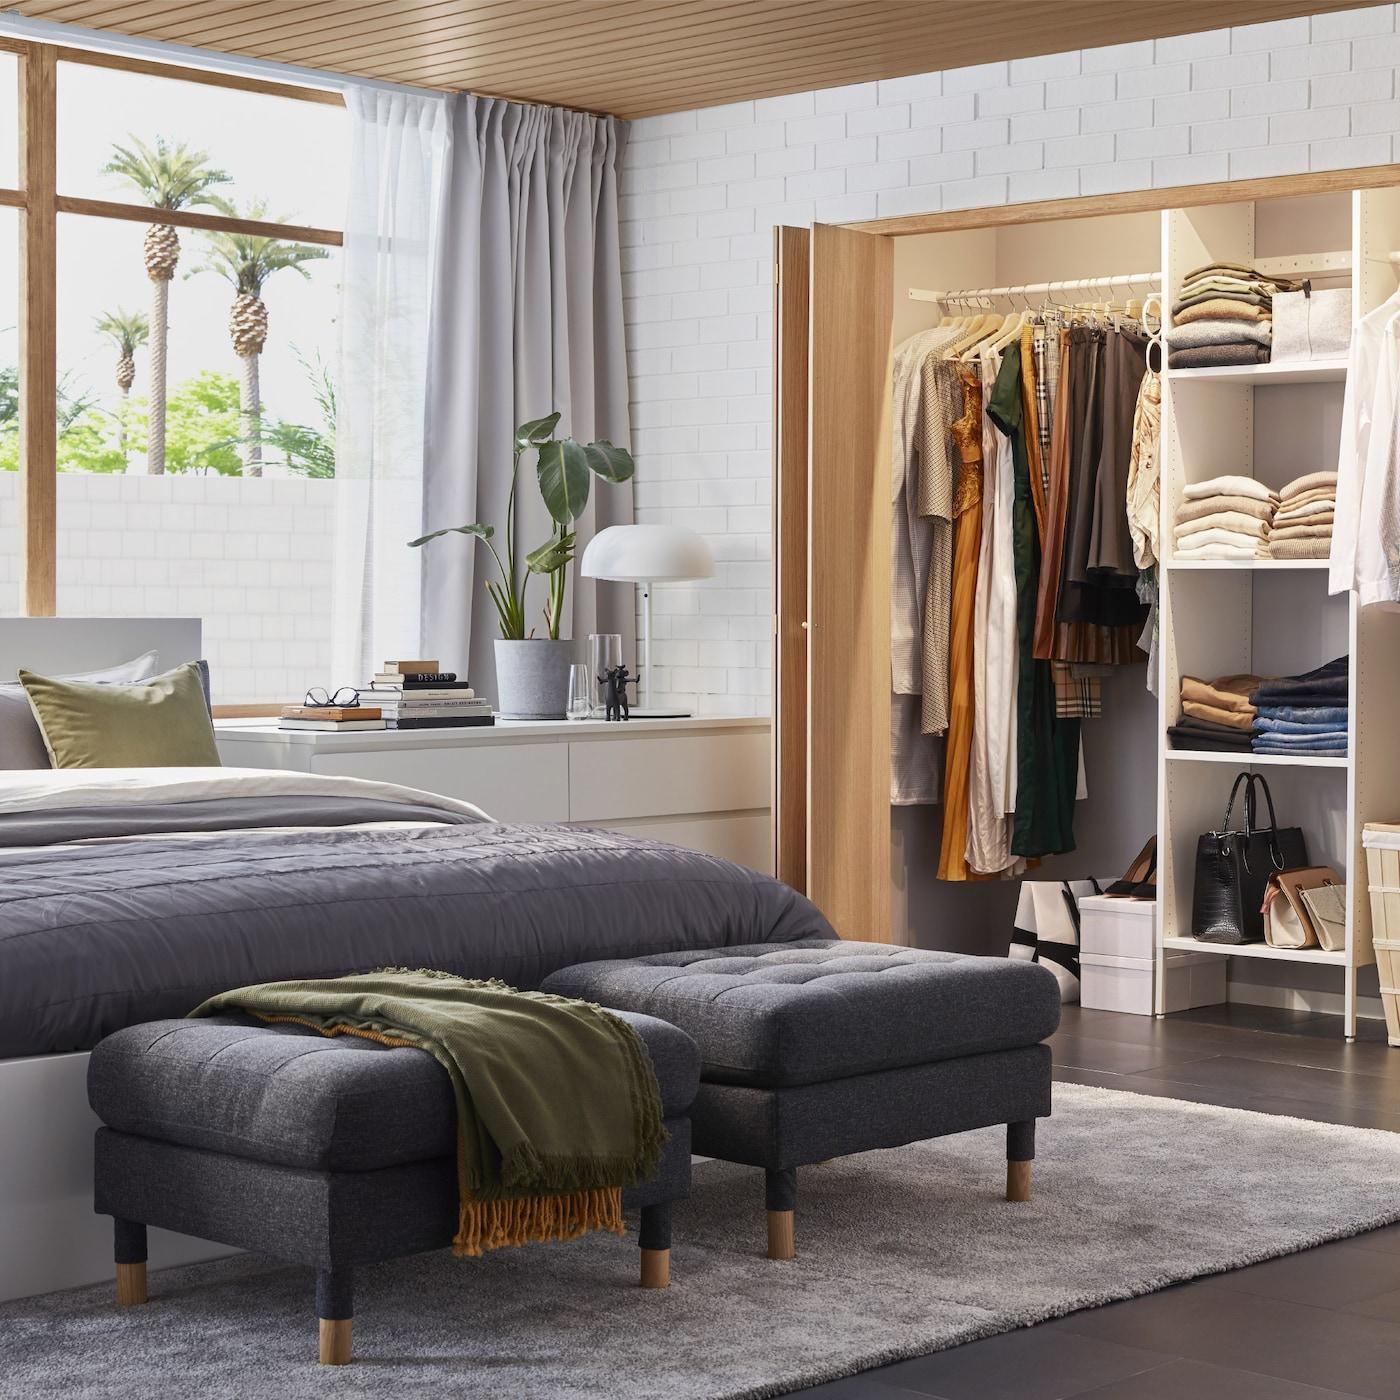 غرفة نوم بها حل دولاب ملابس مدمج، وهيكل سرير أبيض، وخزانة ذات أدراج بيضاء ومسندان للأقدام رمادي داكن.